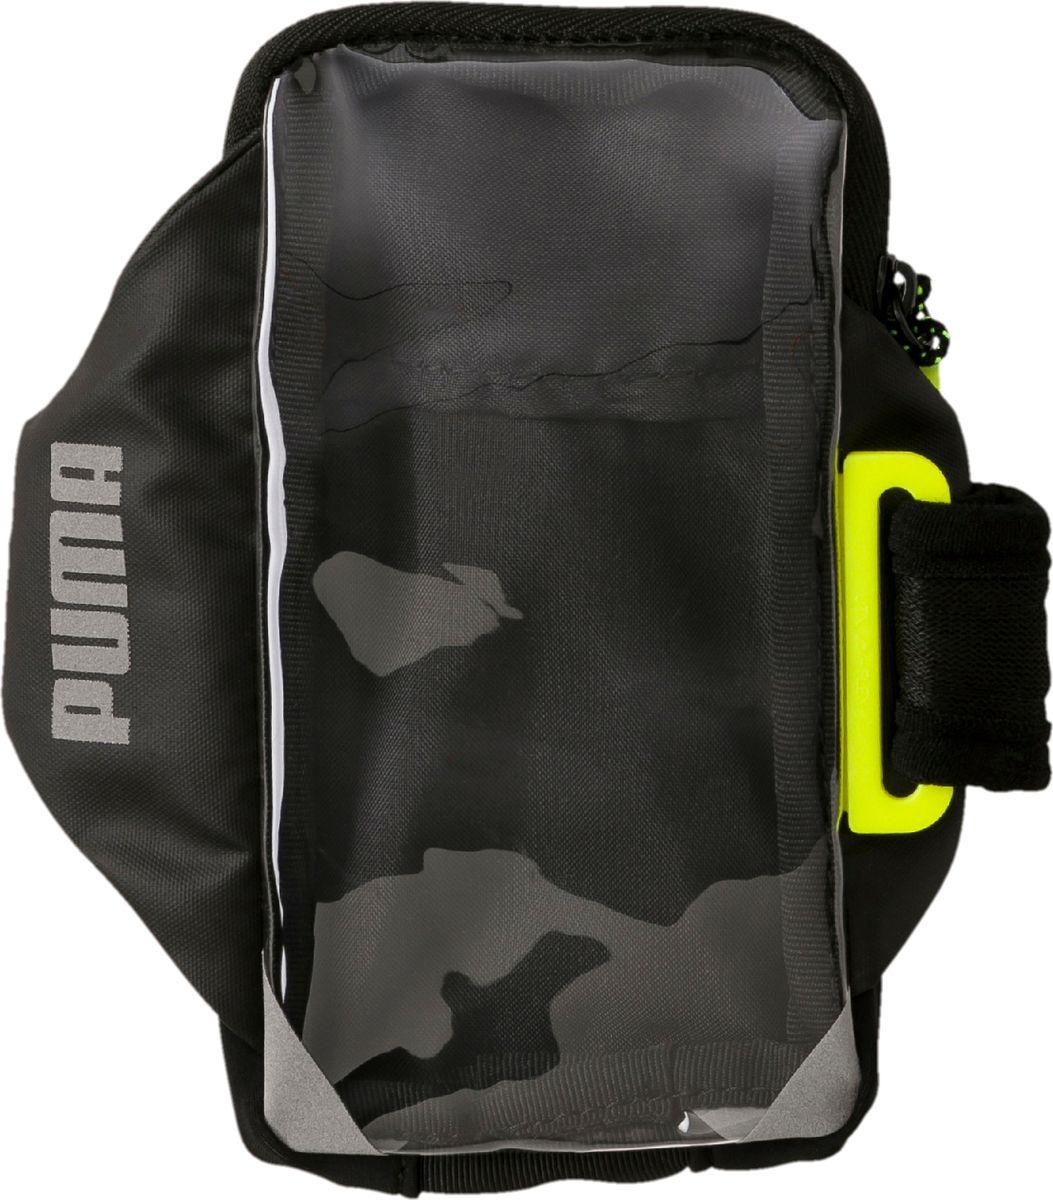 Чехол для сотового телефона на руку Puma PR Mobile Armband, 05351208, черный, размер S/M цена